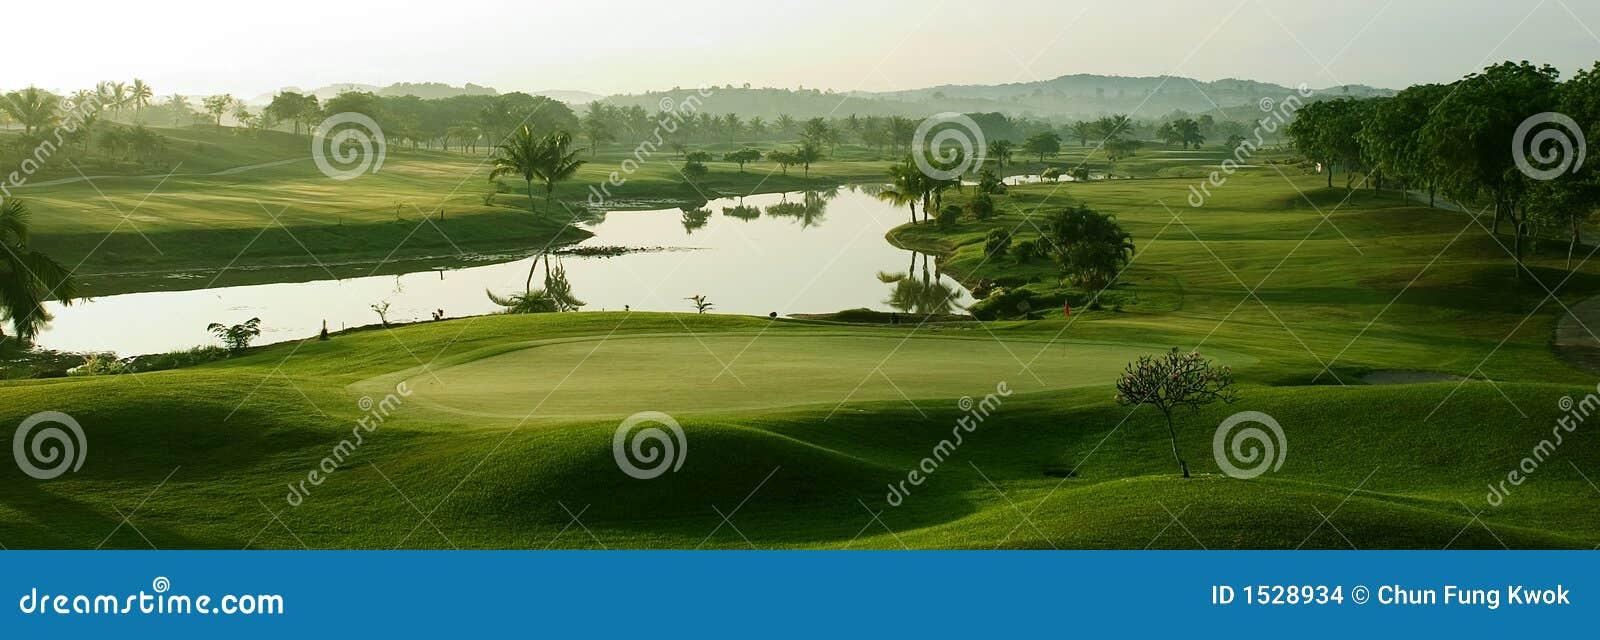 γκολφ σειράς μαθημάτων